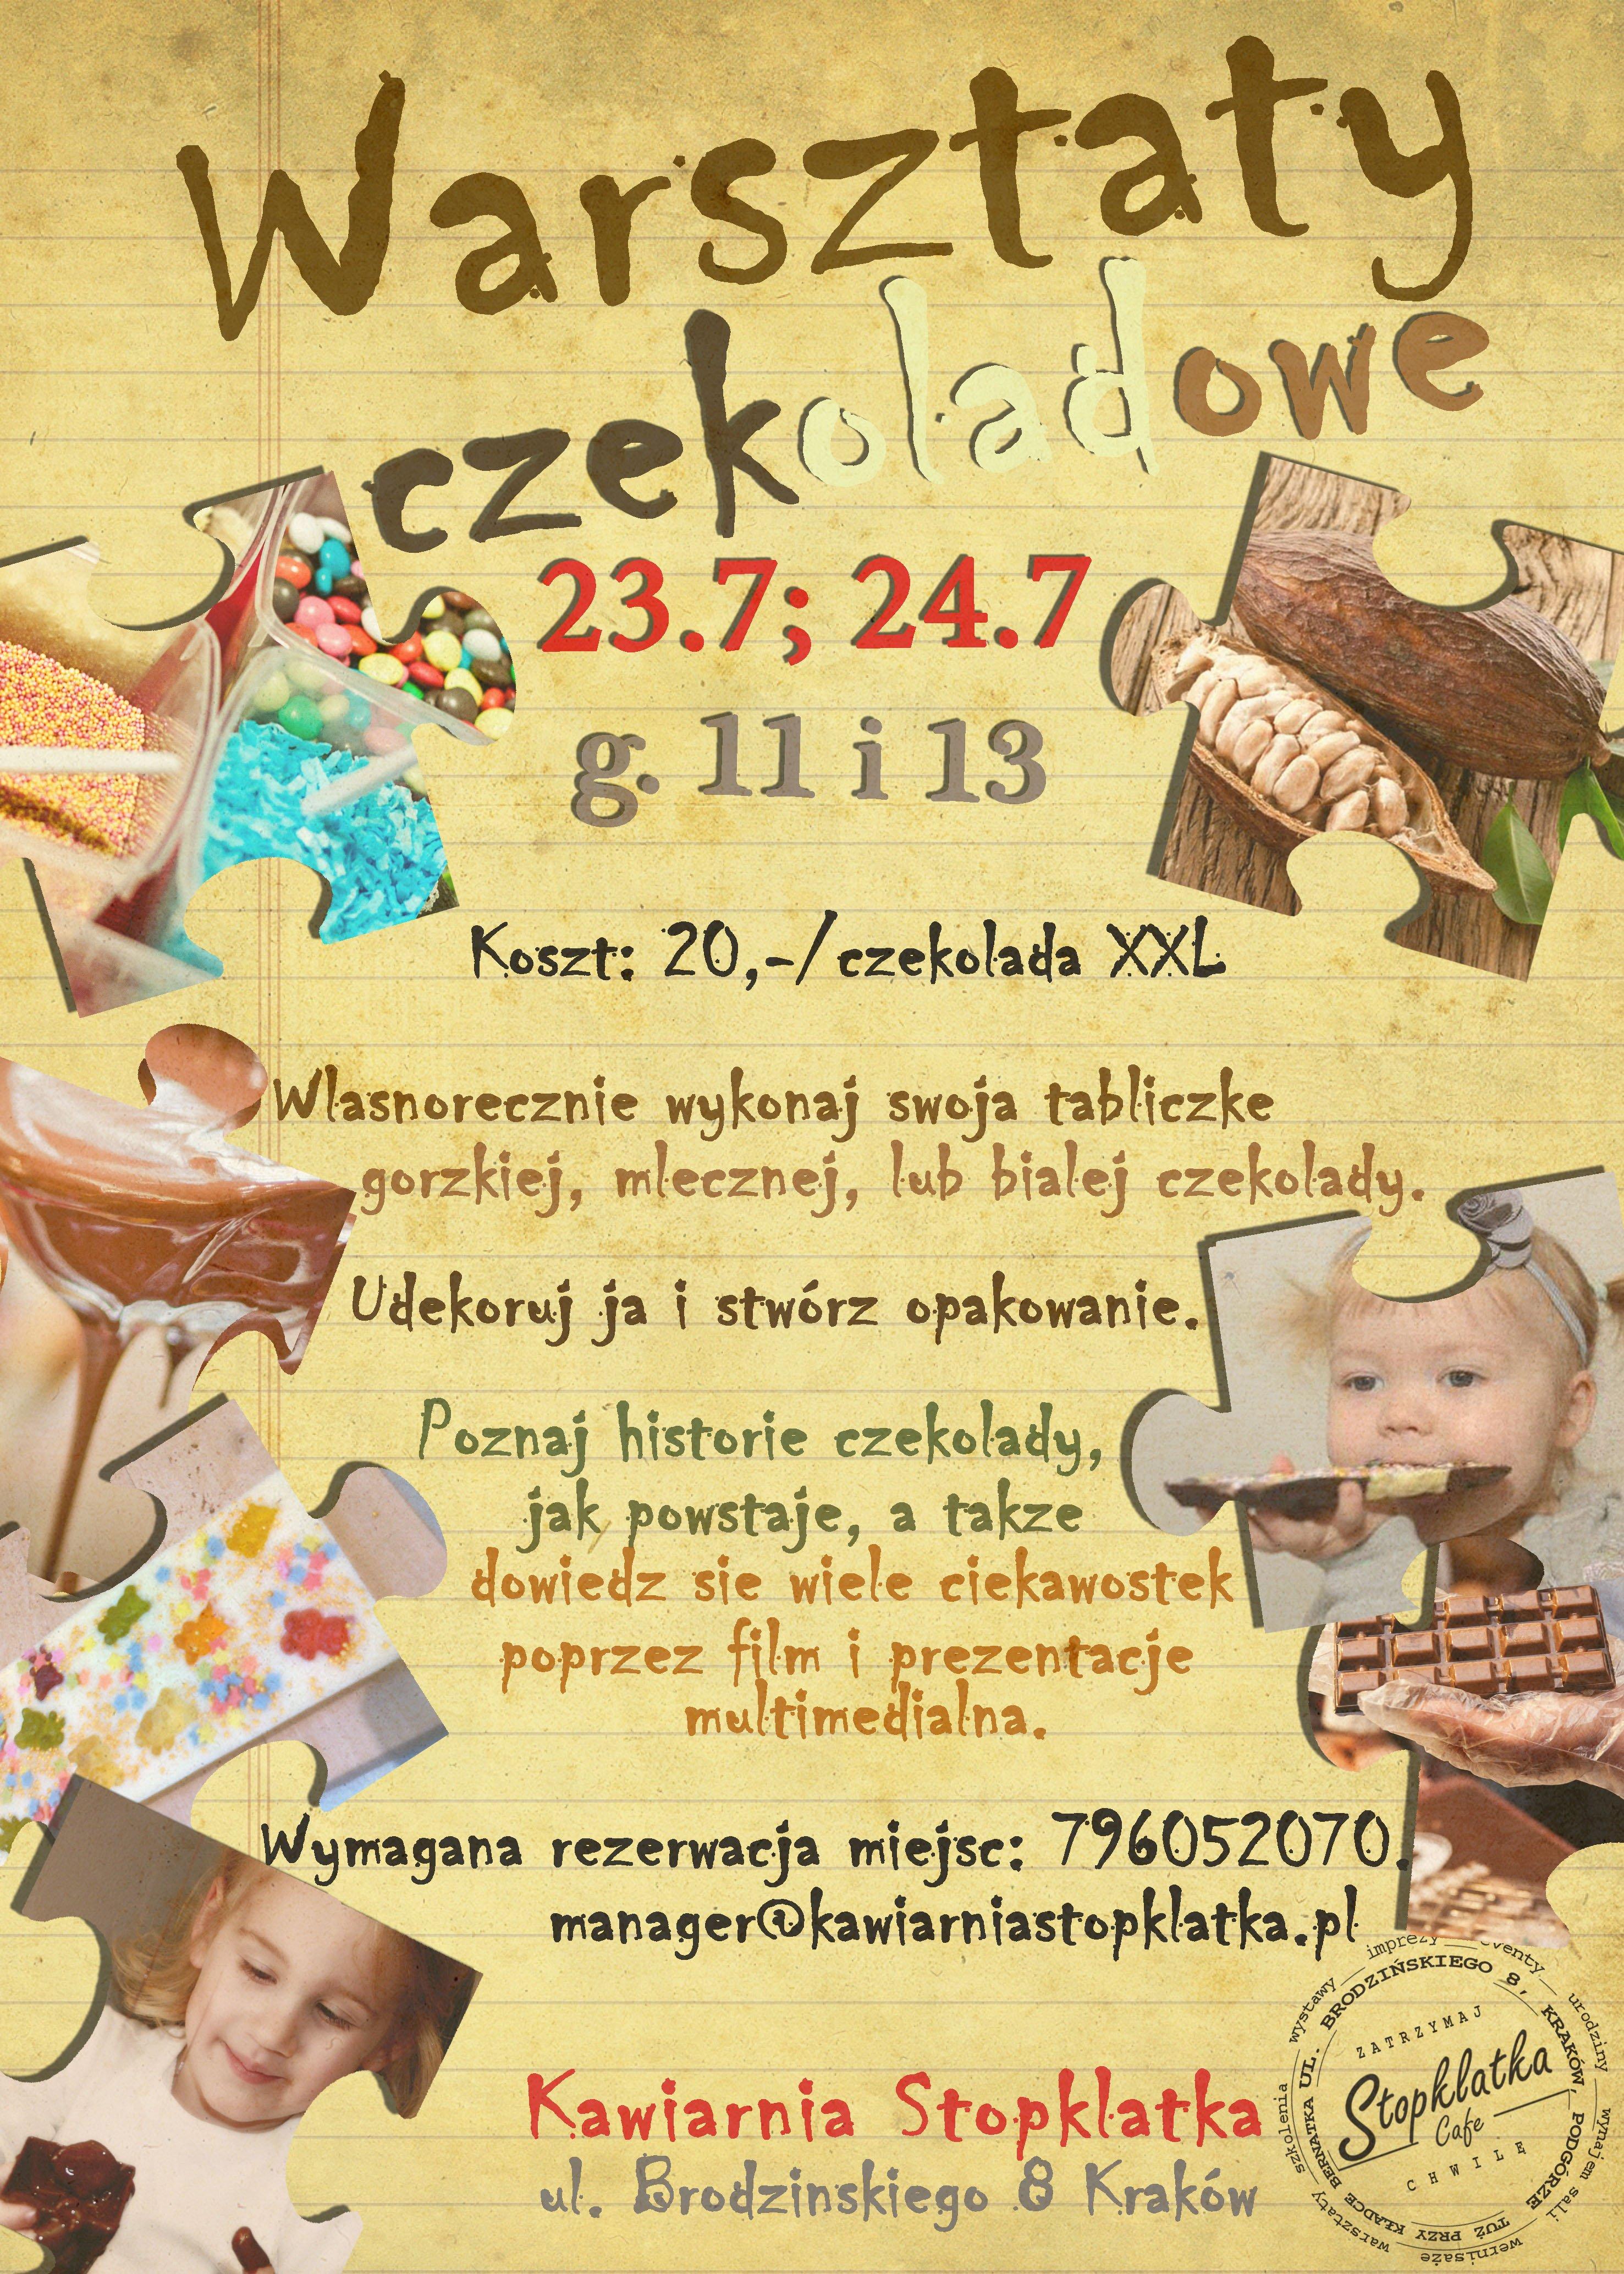 Warsztaty czekoladowe dla dzieci Kraków